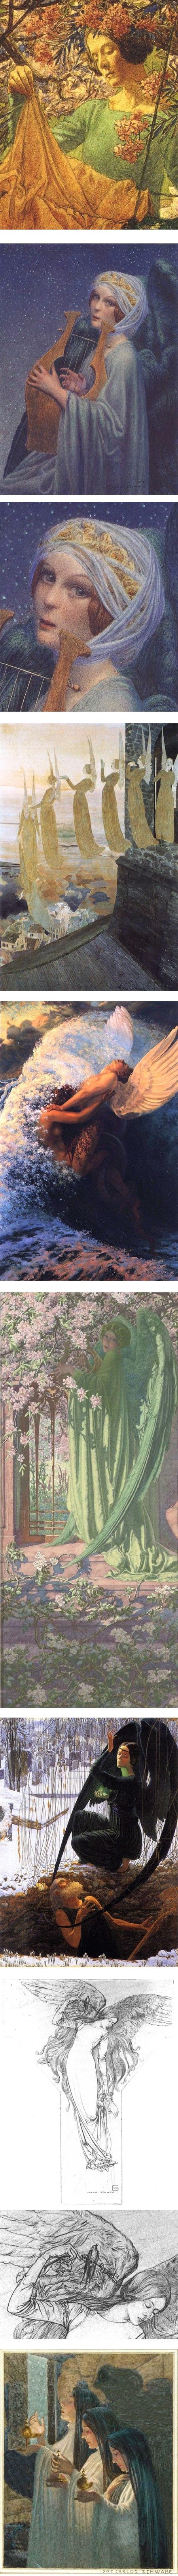 Carlos Schwabe, Symbolist painter